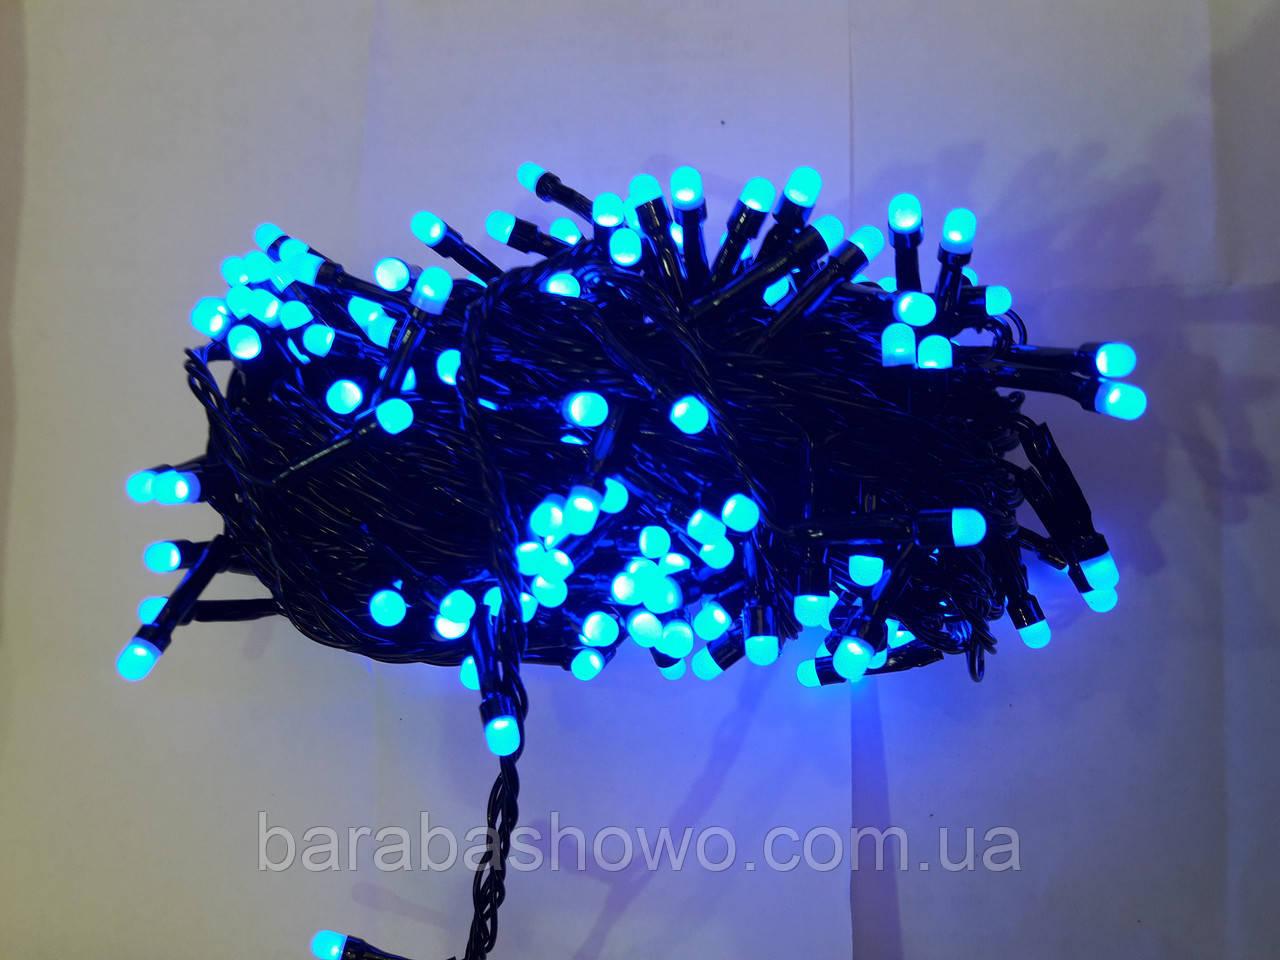 Гирлянда  МАТОВАЯ 300 LED 5mm на черном проводе, синяя